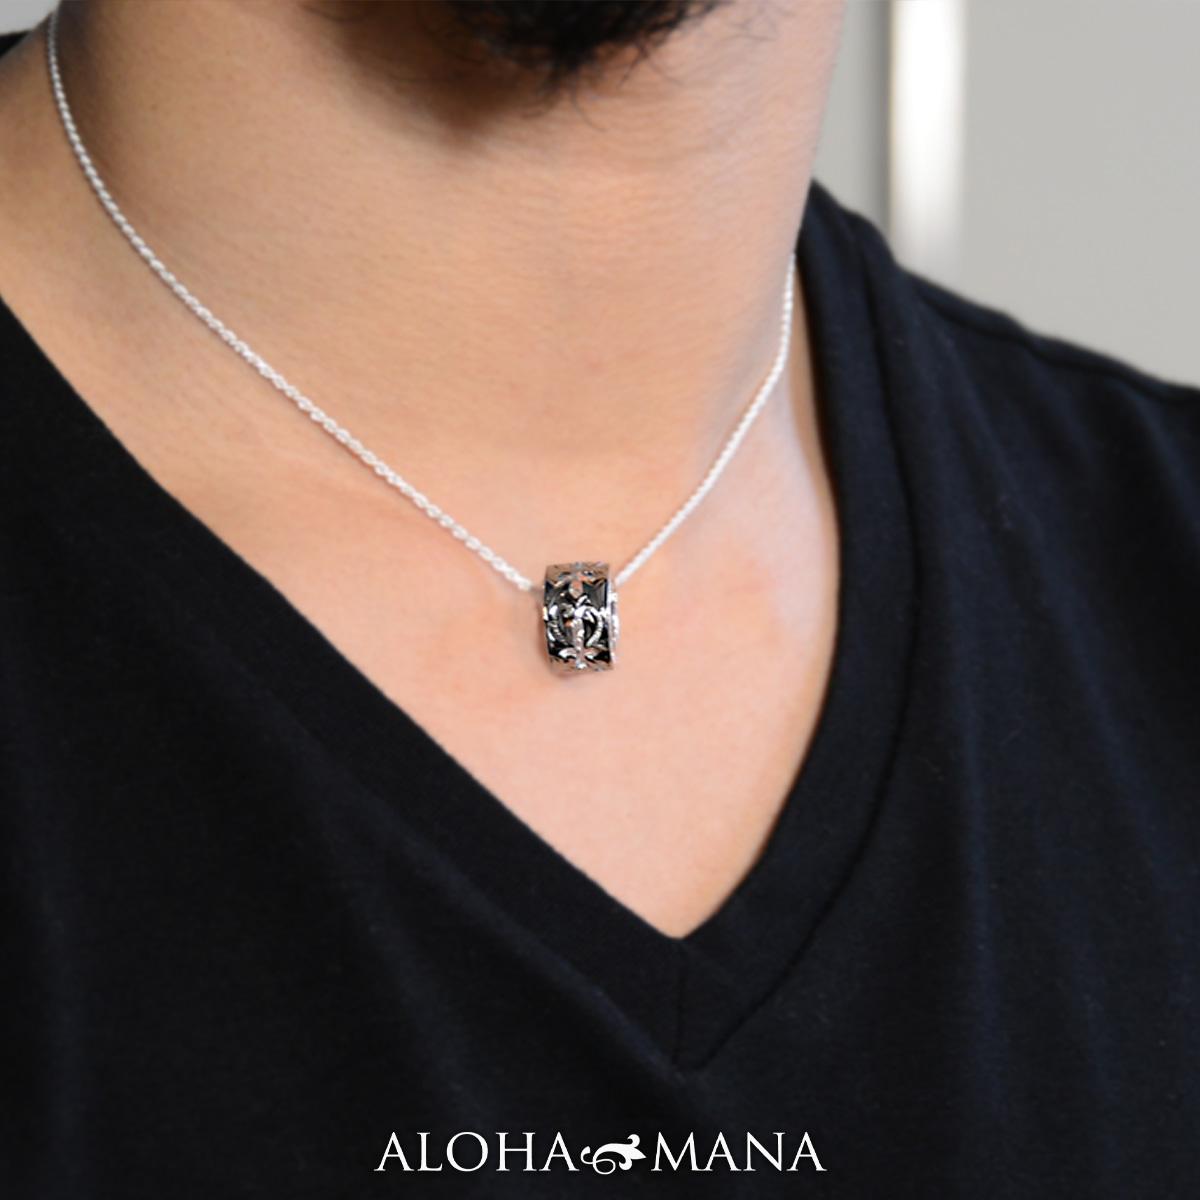 ハワイアンジュエリー ネックレス レディース メンズ シルバー チューブクロス ペンダント チェーン付き シルバー 925 ペンダント ネックレス bpd1549